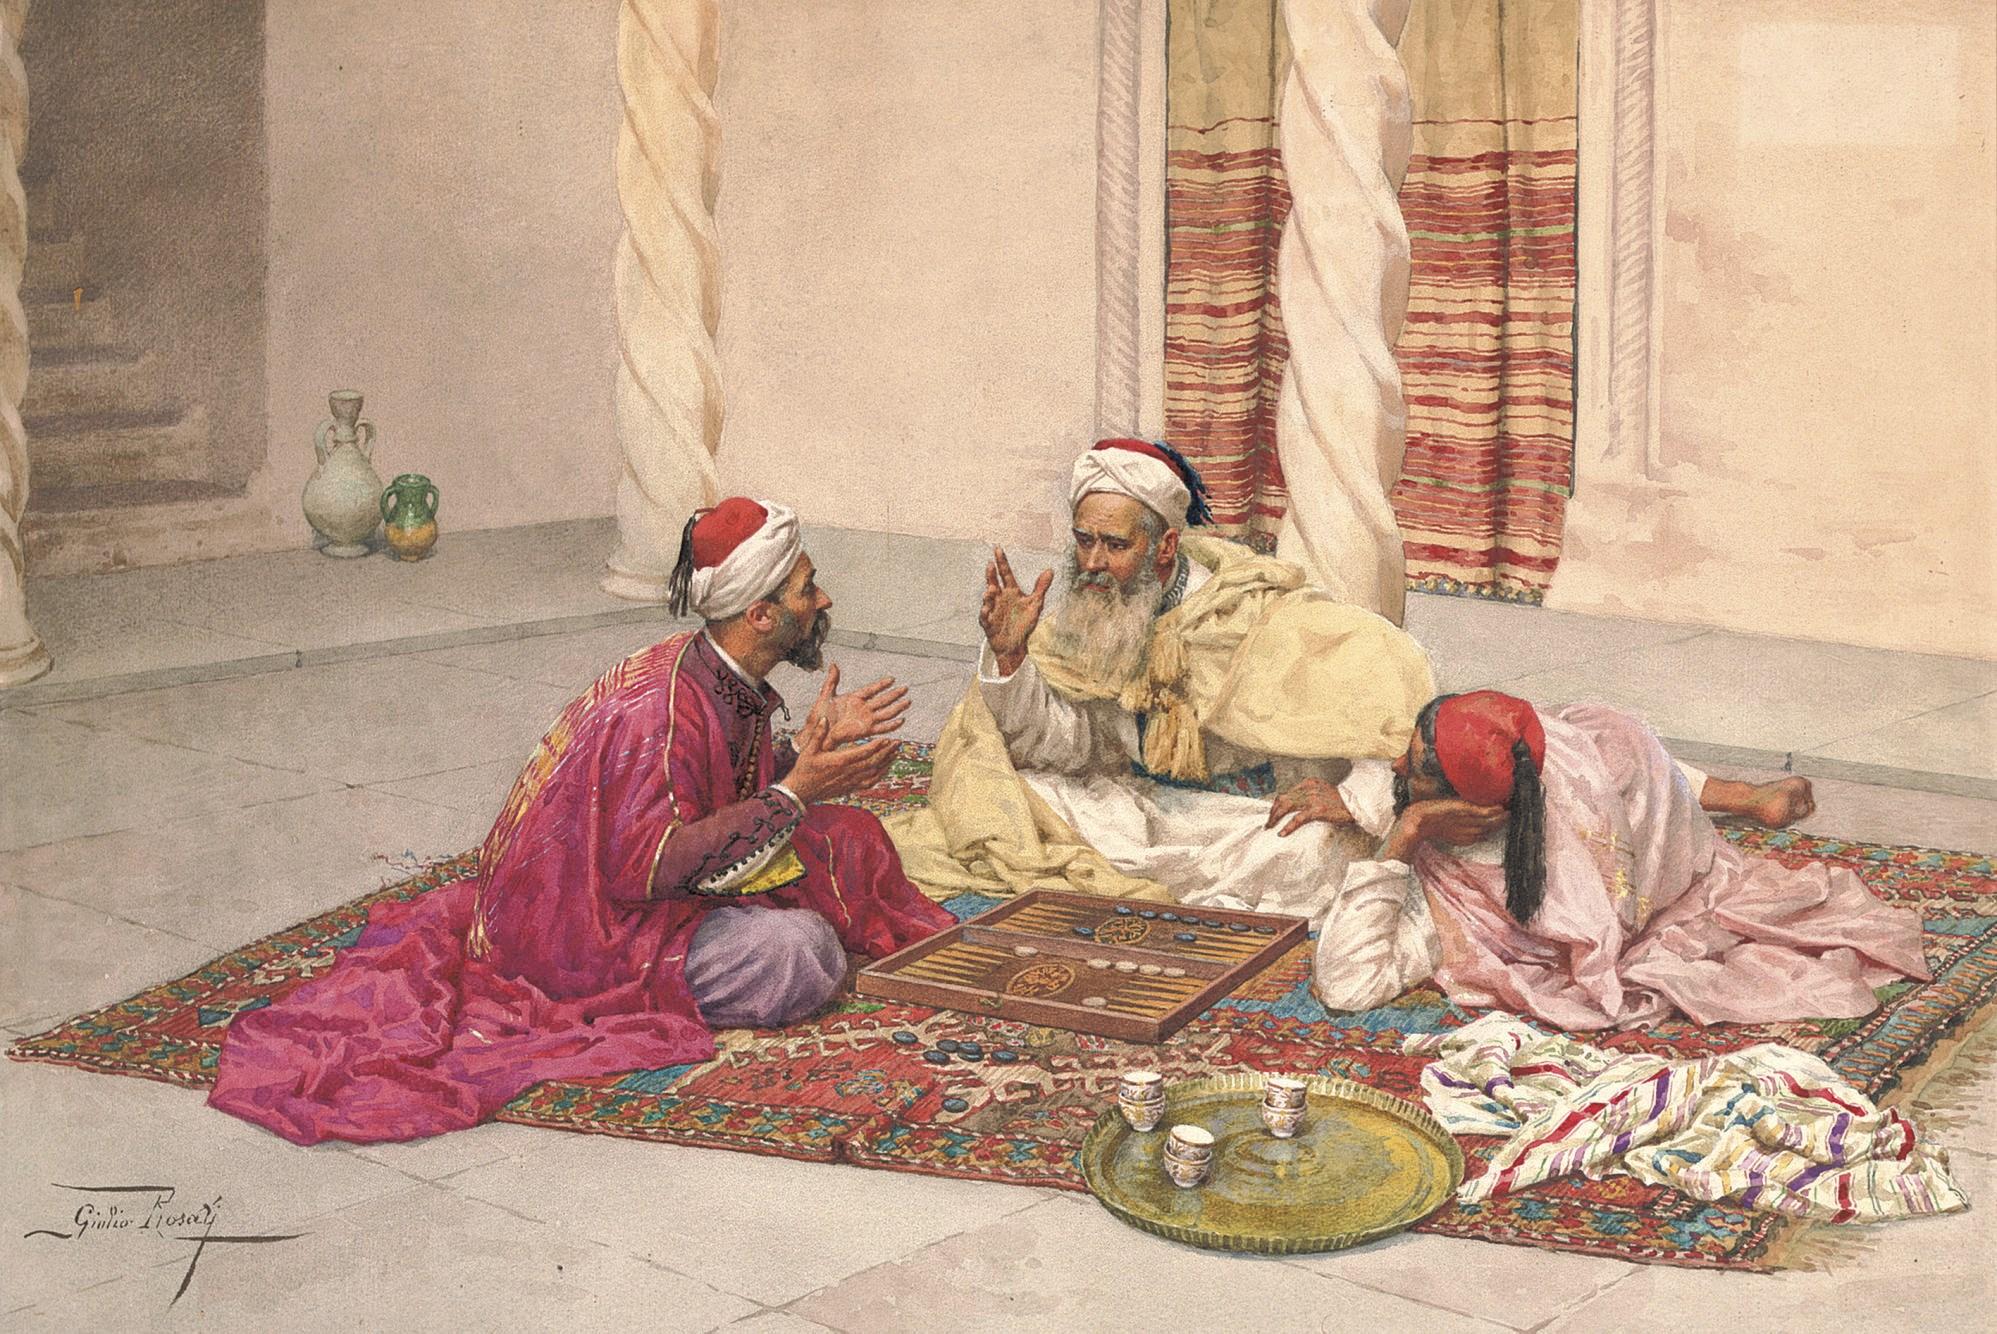 朱利奥・罗塞蒂(1858-1917),《庭院中的西洋双陆棋玩家》。铅笔 水彩 纸本。16 18 x 23 38�迹�41 x 59.5公分)。此作于2008年7月2日在佳士得伦敦售出,成交价145,250英镑